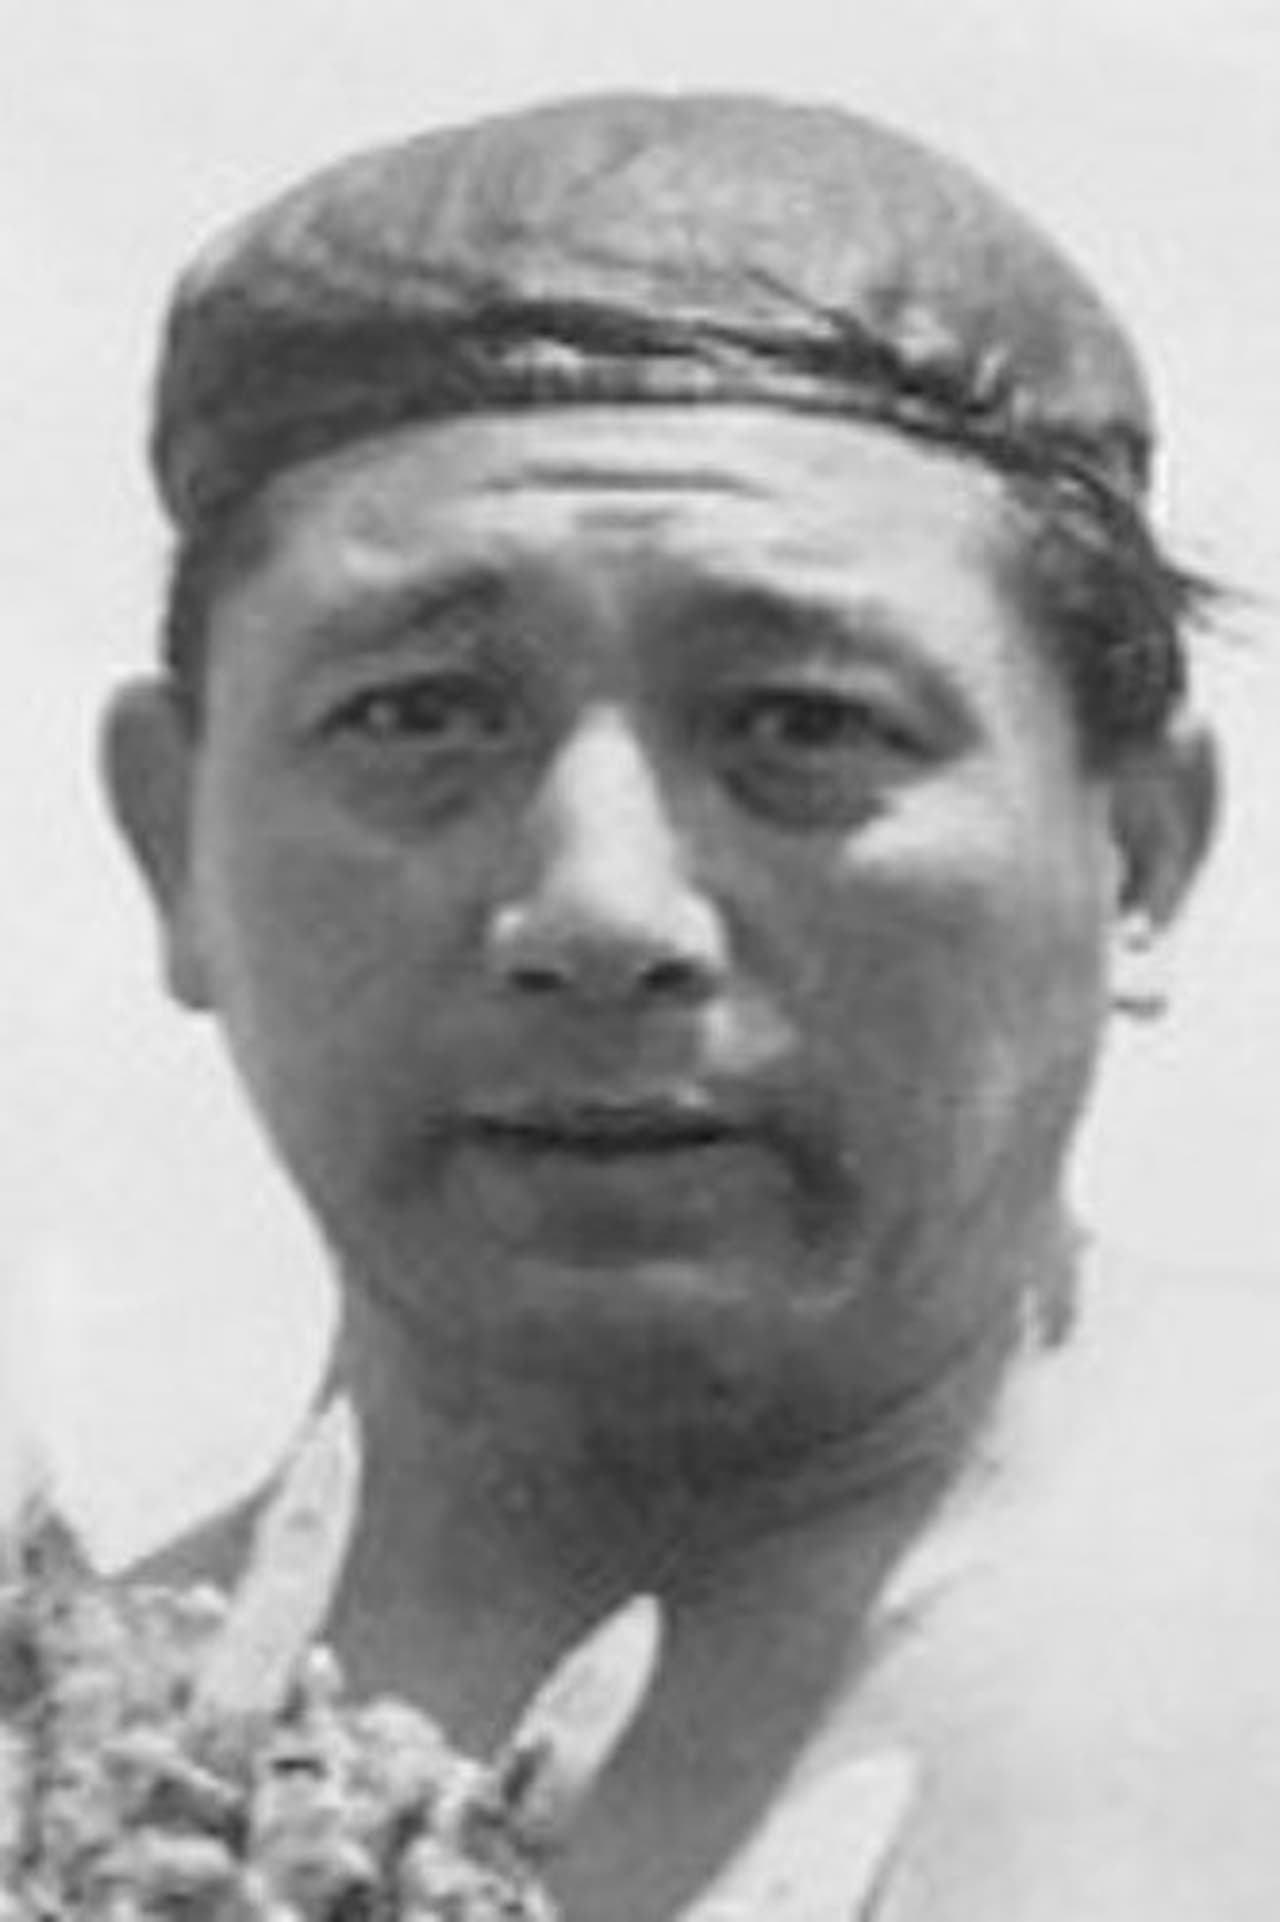 Katsumi Tezuka